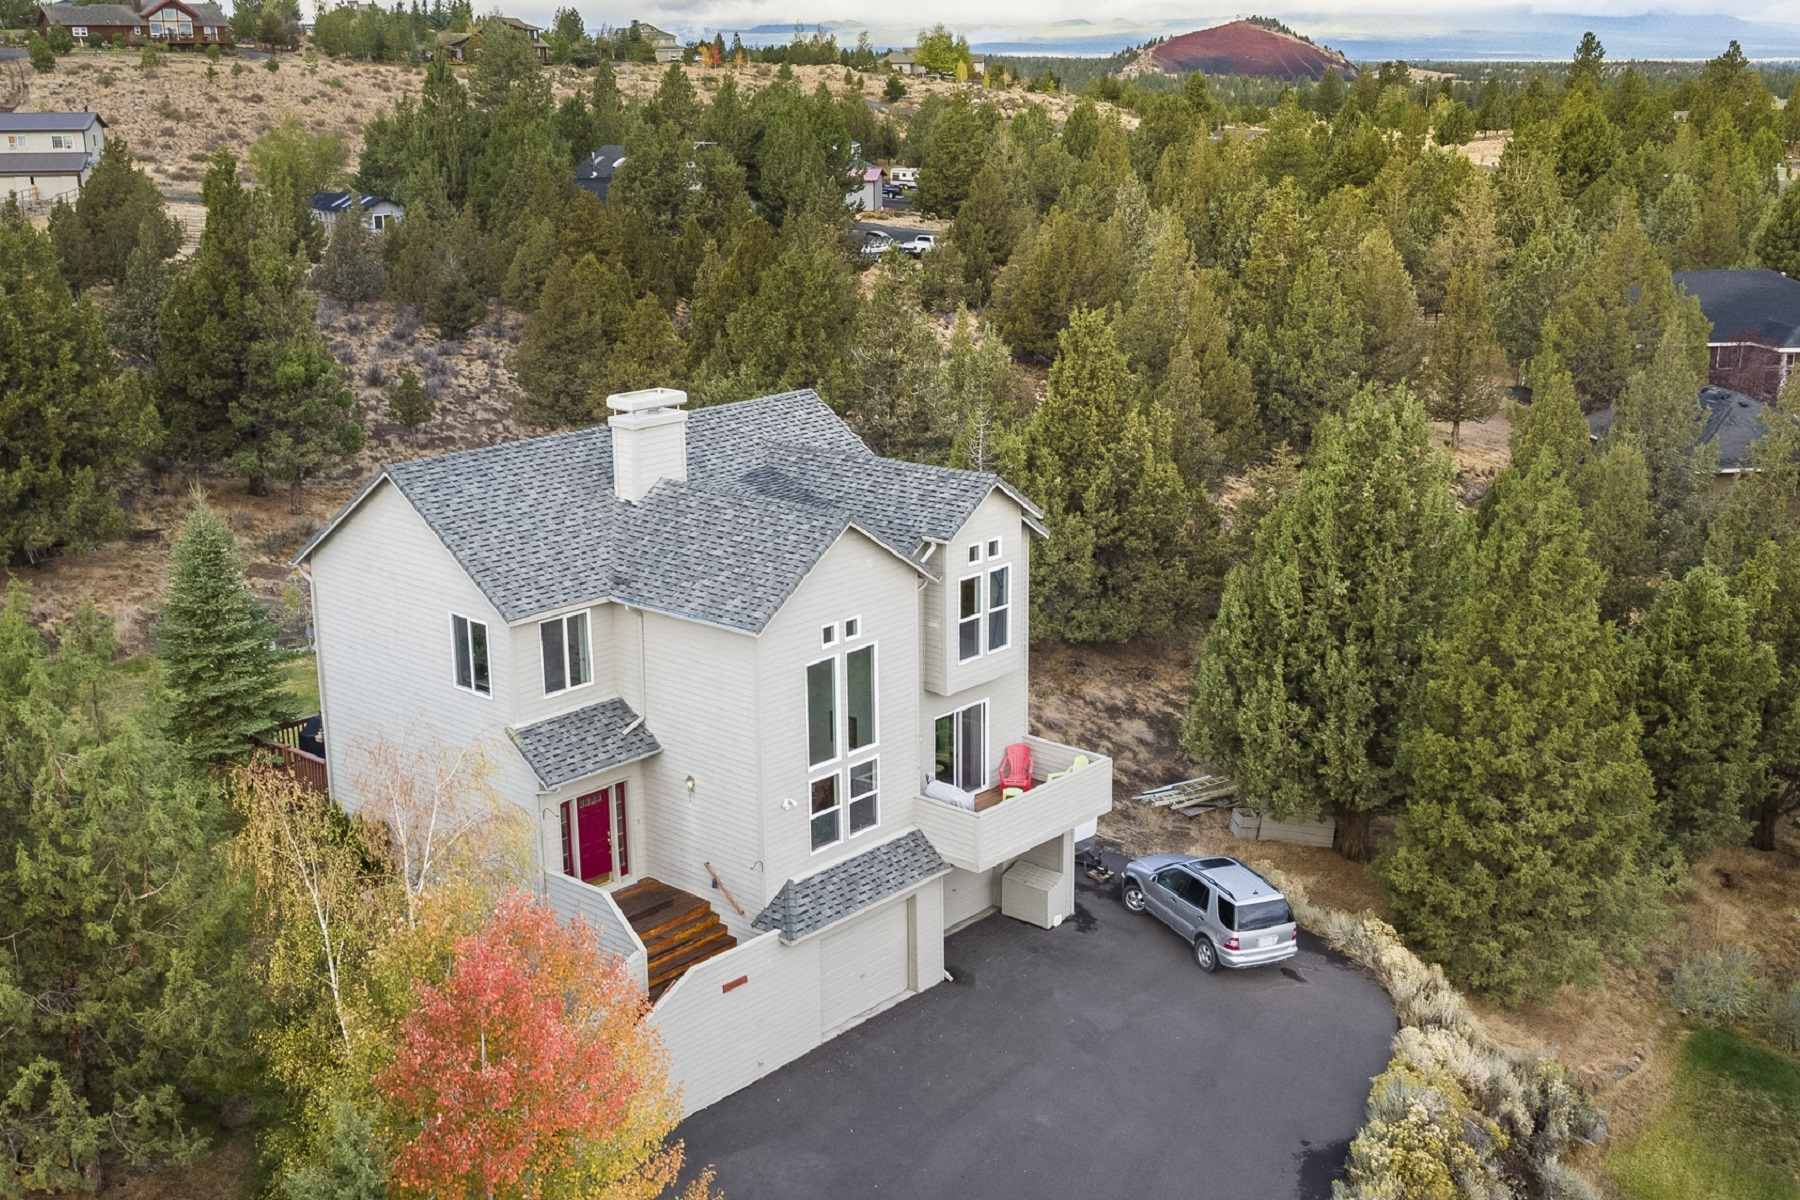 Maison unifamiliale pour l Vente à 59769 Calgary Loop, BEND Bend, Oregon, 97702 États-Unis